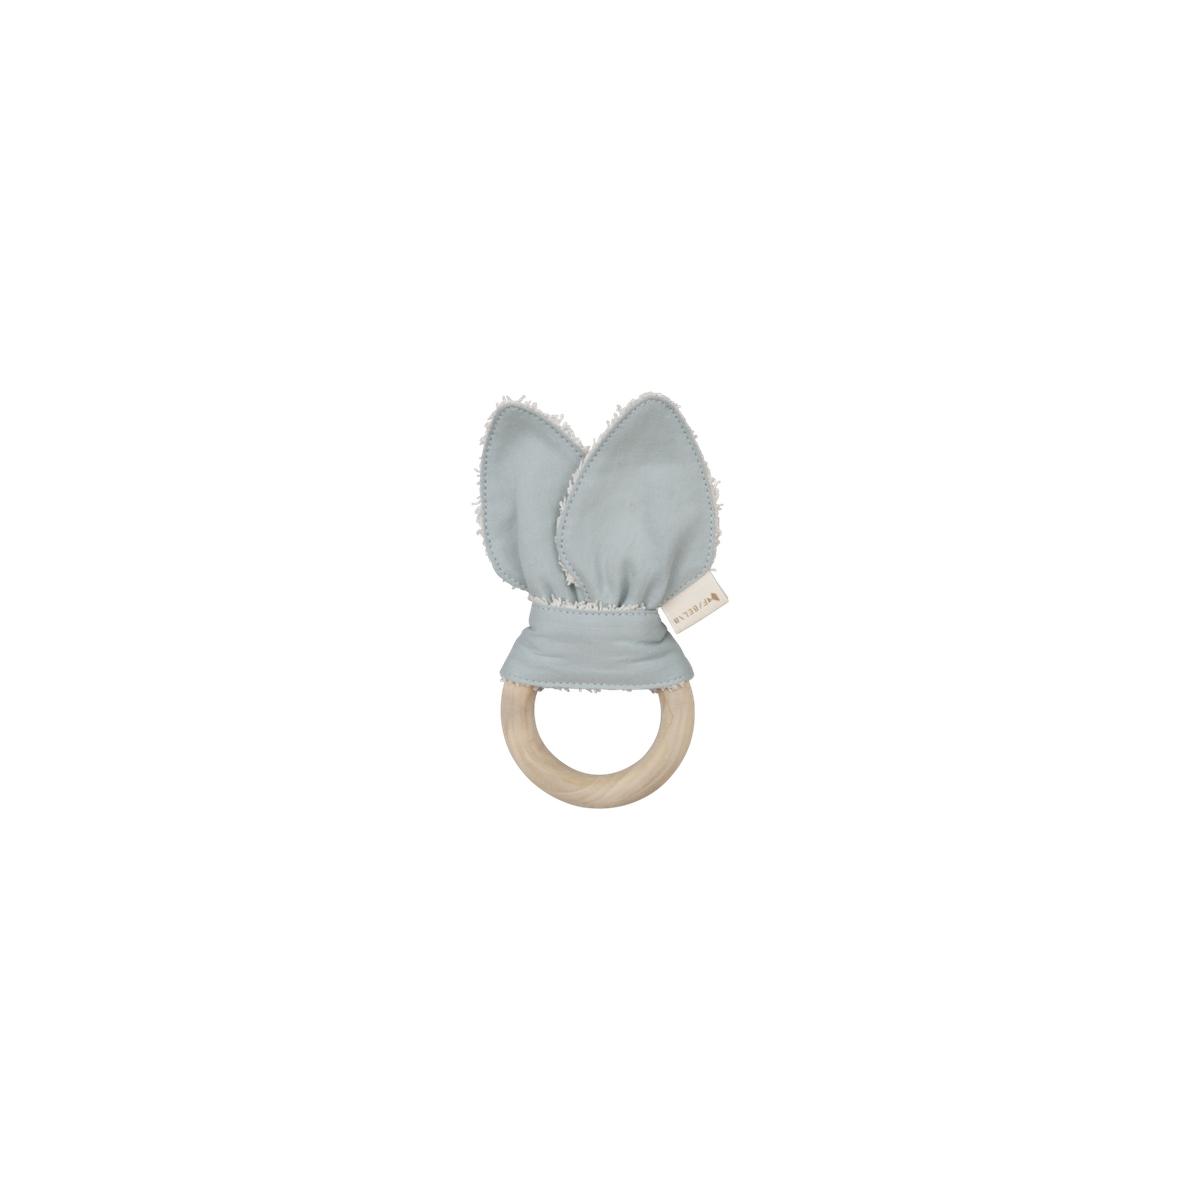 Fabelab animal teether cat - foggy blue